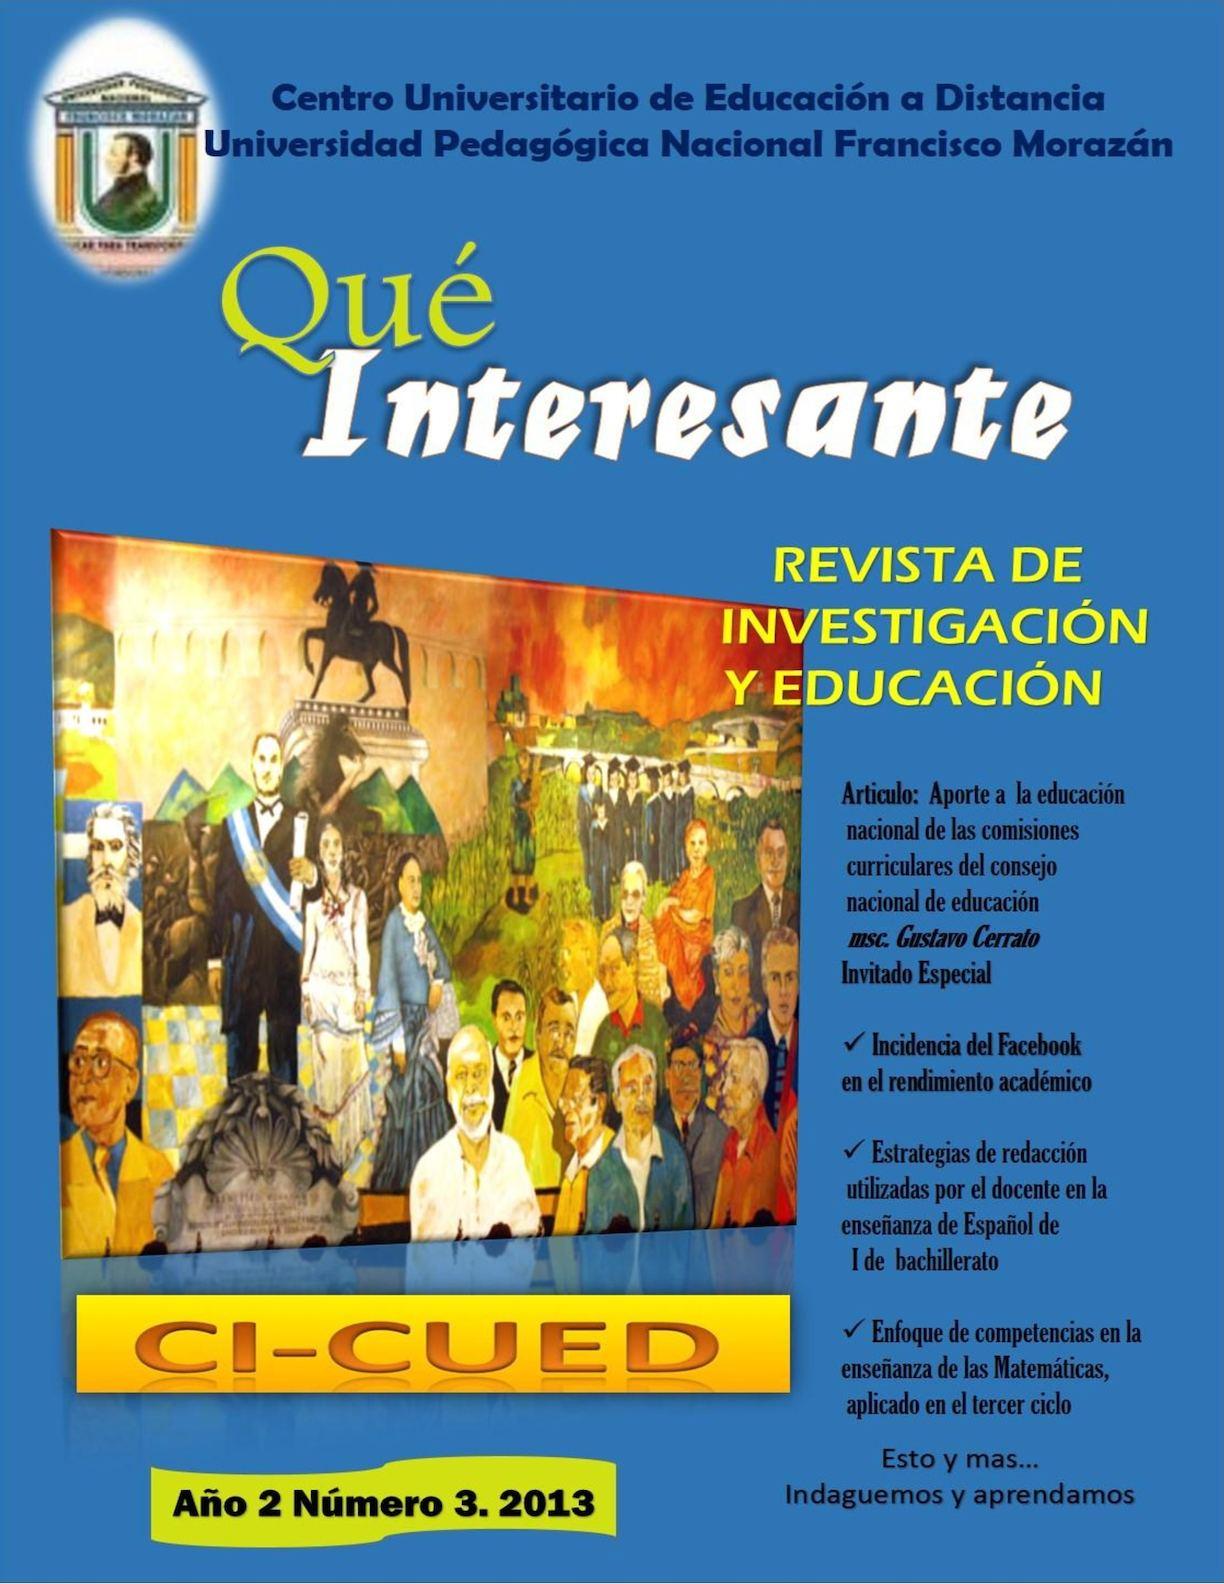 Calaméo - Qué Interesante Año 2. Número 3. 2013 CUED UPNEF